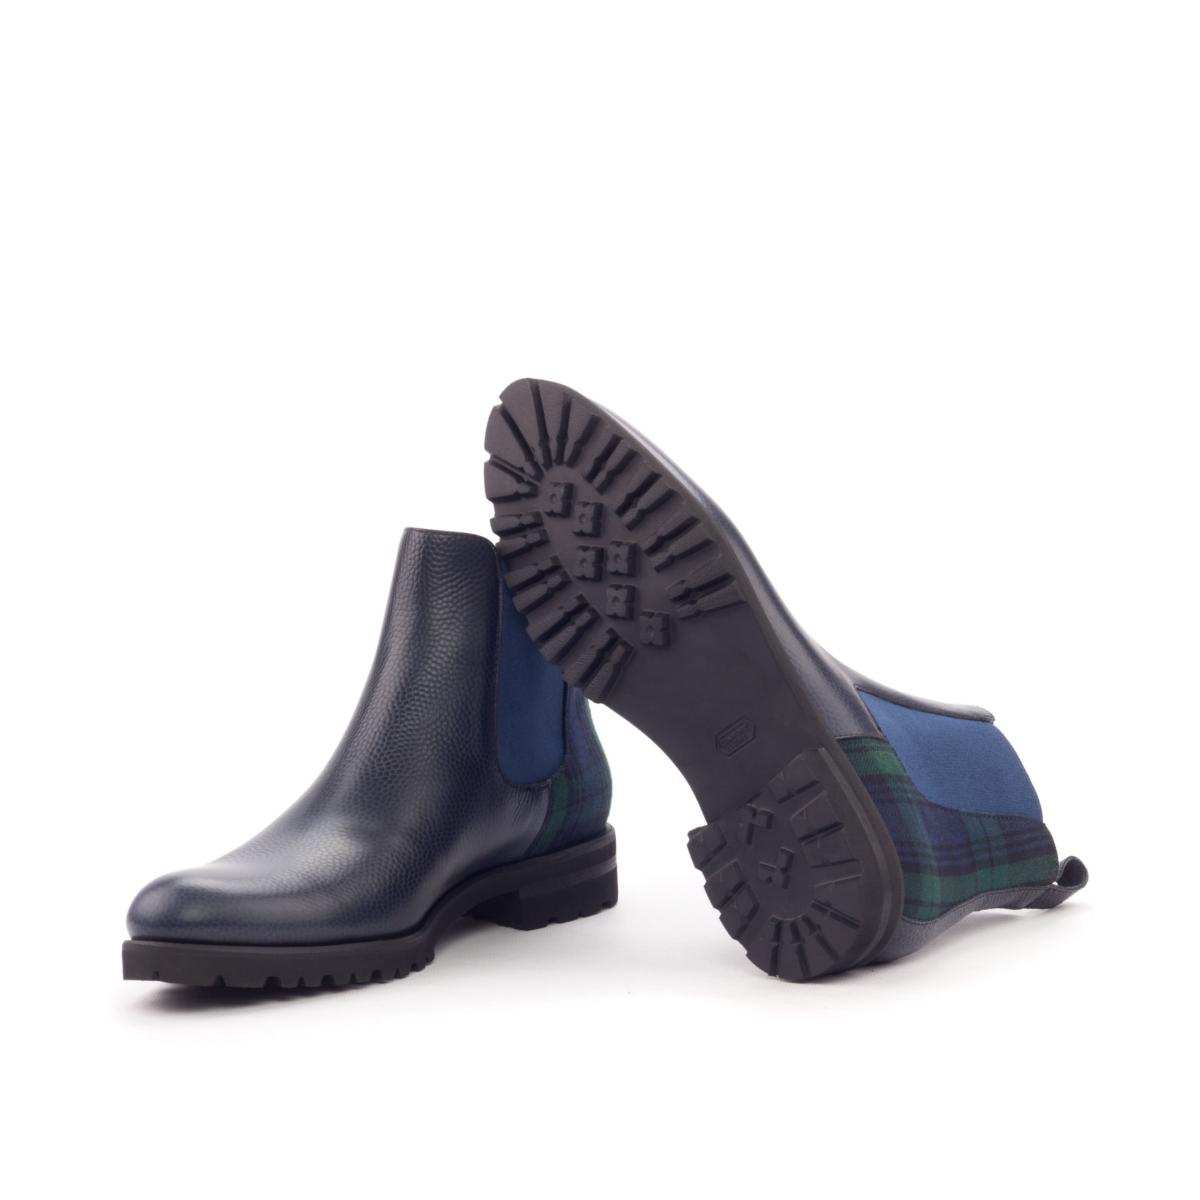 Women Chelsea Boot - Painted Pebble Grain Navy-Wool Blackwatch